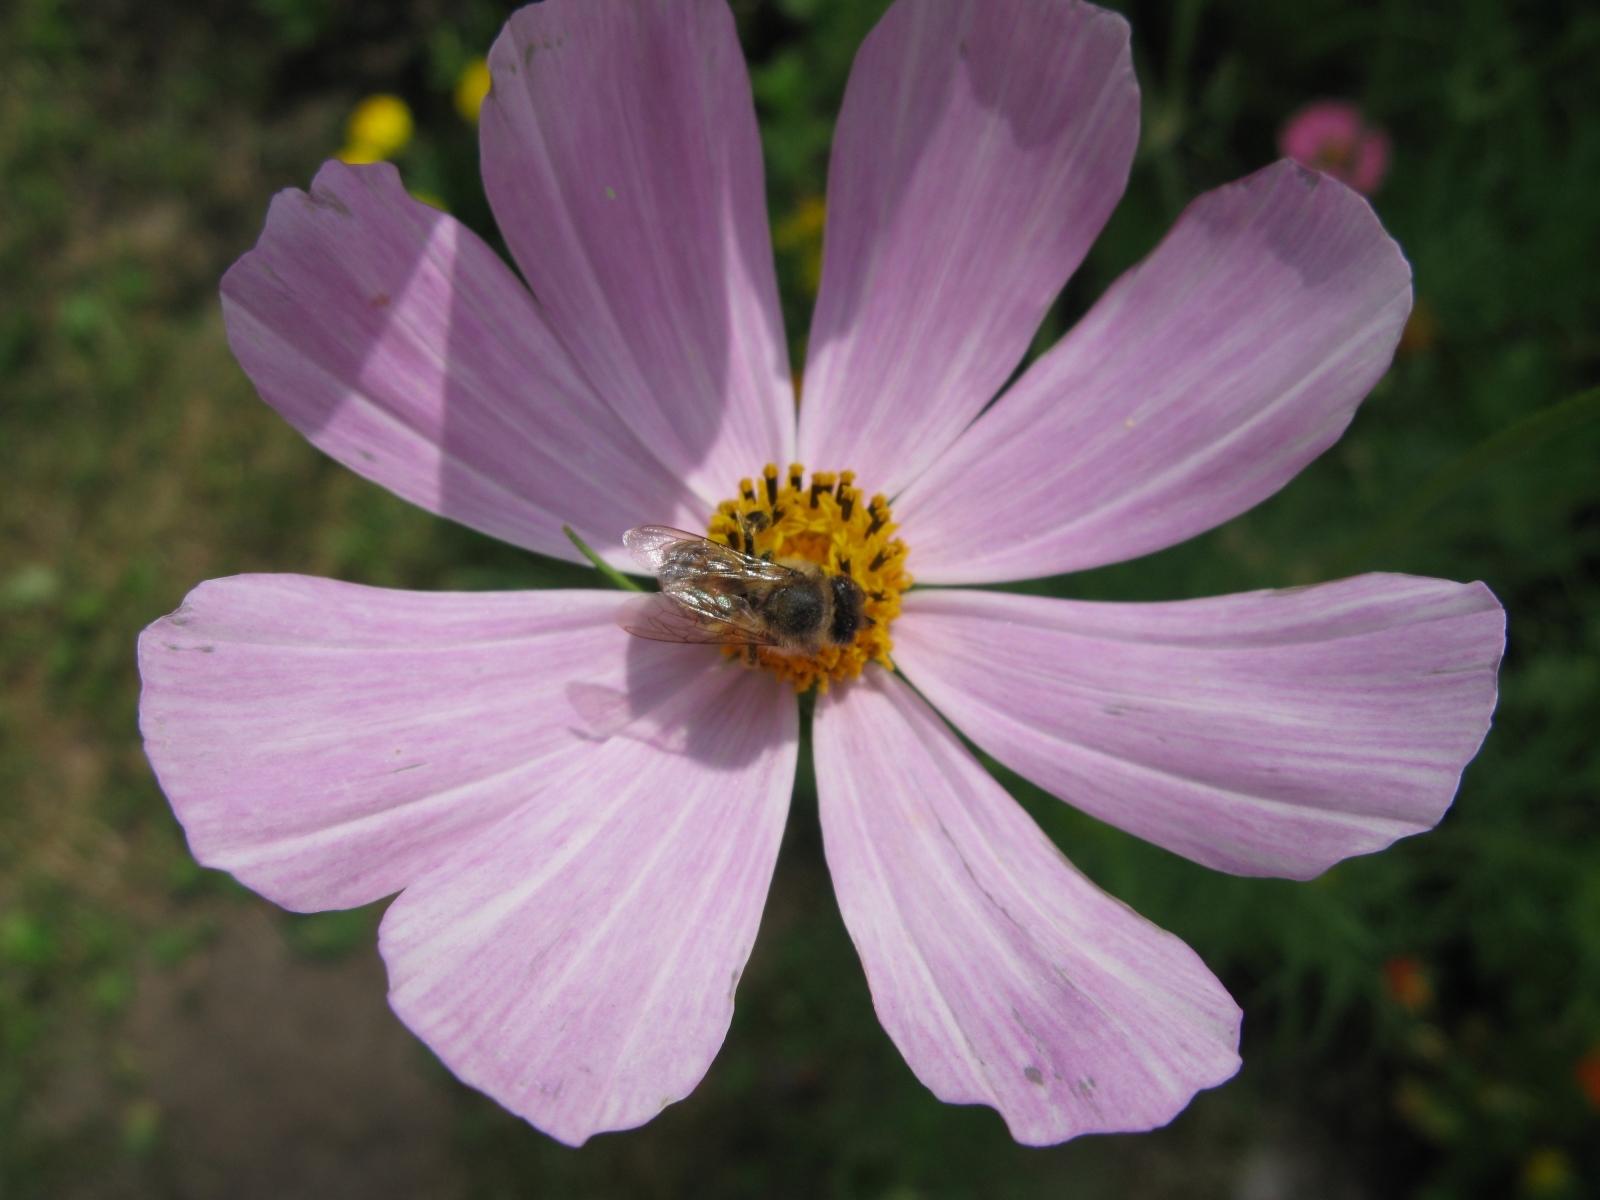 8712 Hintergrundbild herunterladen Blumen, Insekten, Bienen - Bildschirmschoner und Bilder kostenlos